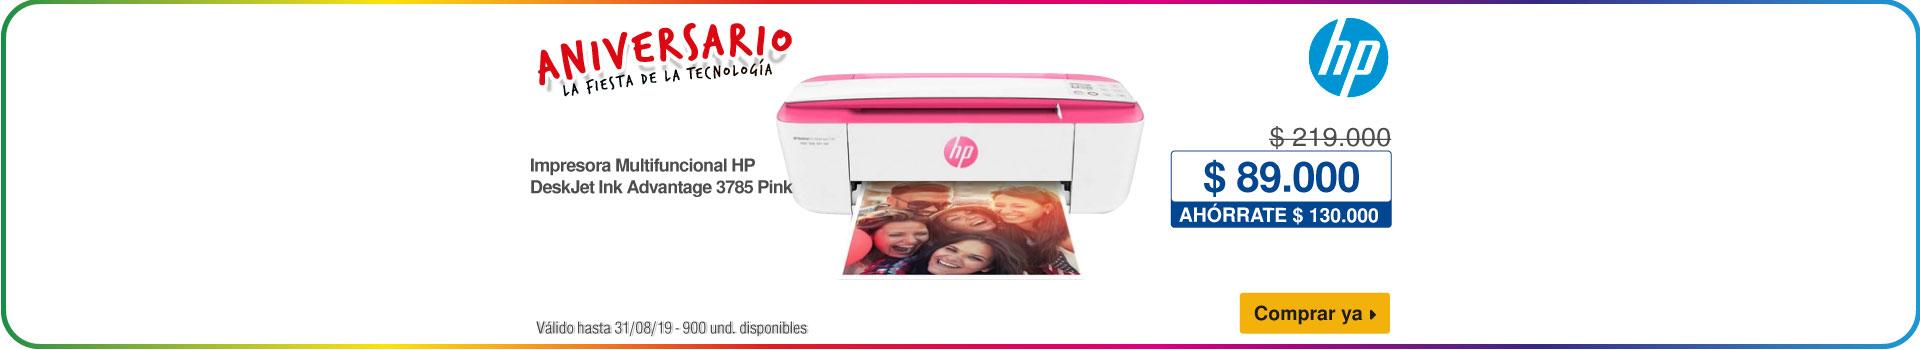 KT-CAT-HP-impresora-3785-Hg17_Agosto